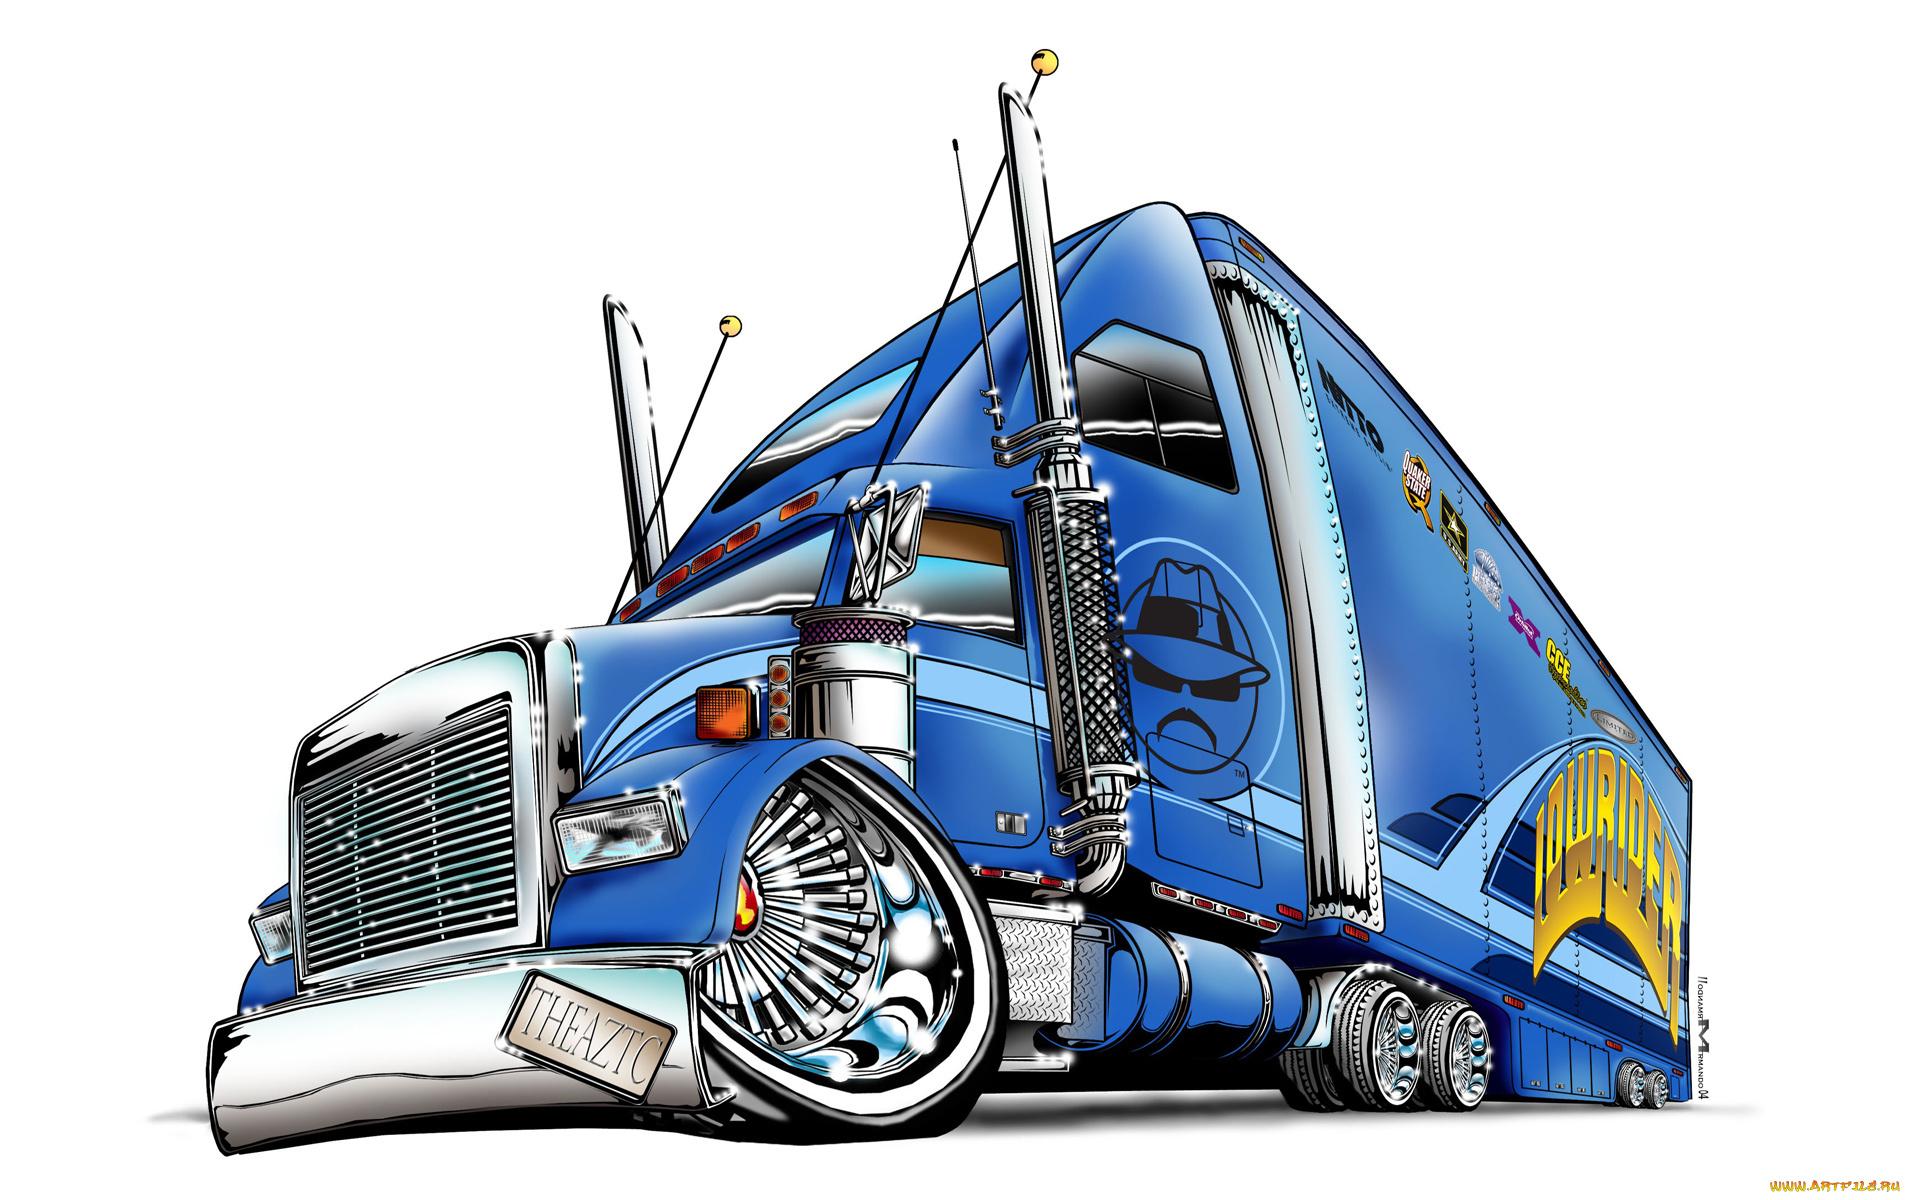 Новым годом, прикольный рисунок грузовика